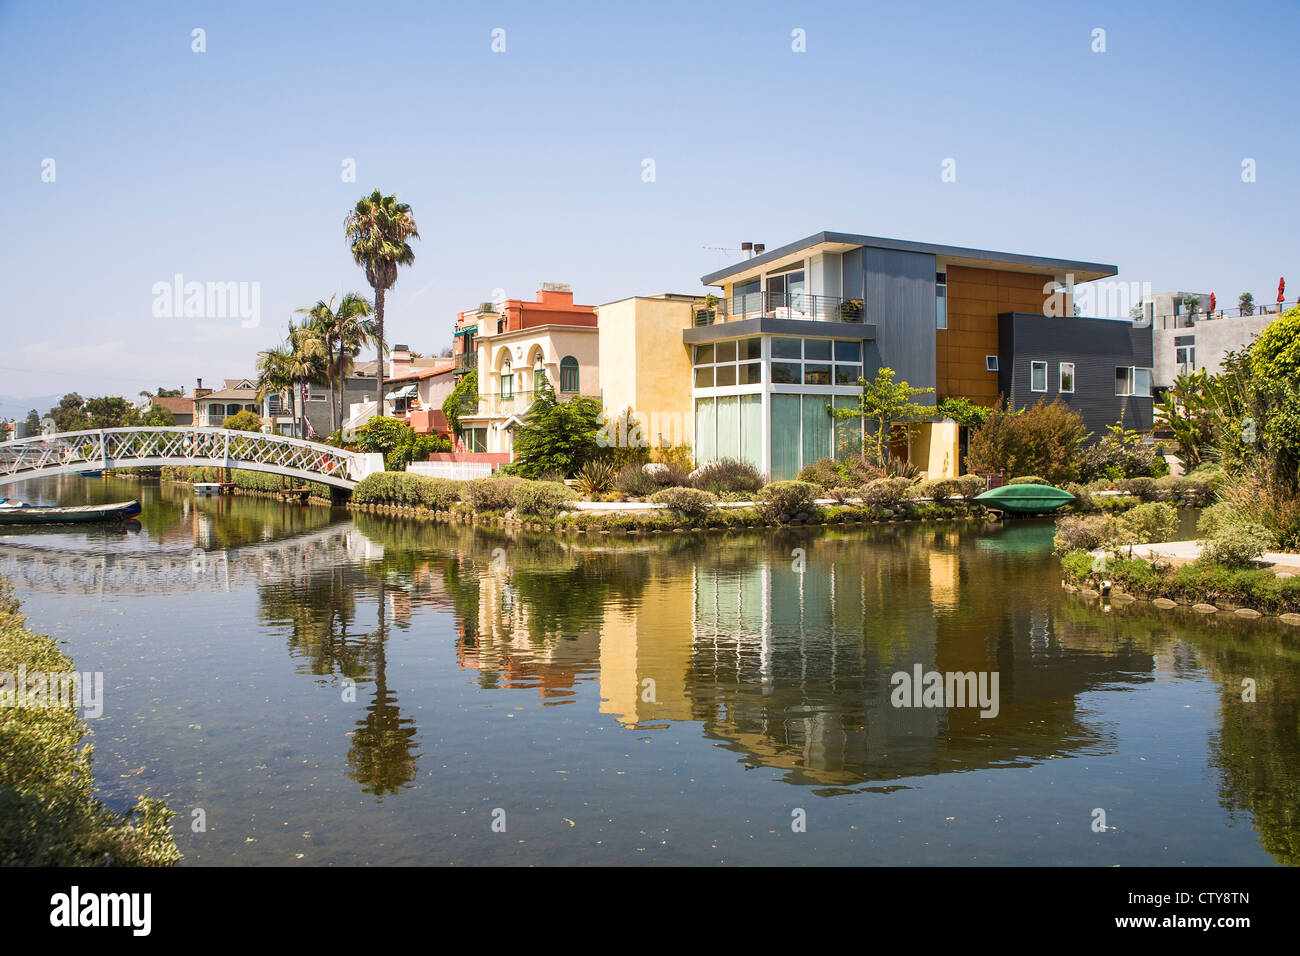 Case e canal a Venezia, Los Angeles, California, Stati Uniti d'America Immagini Stock